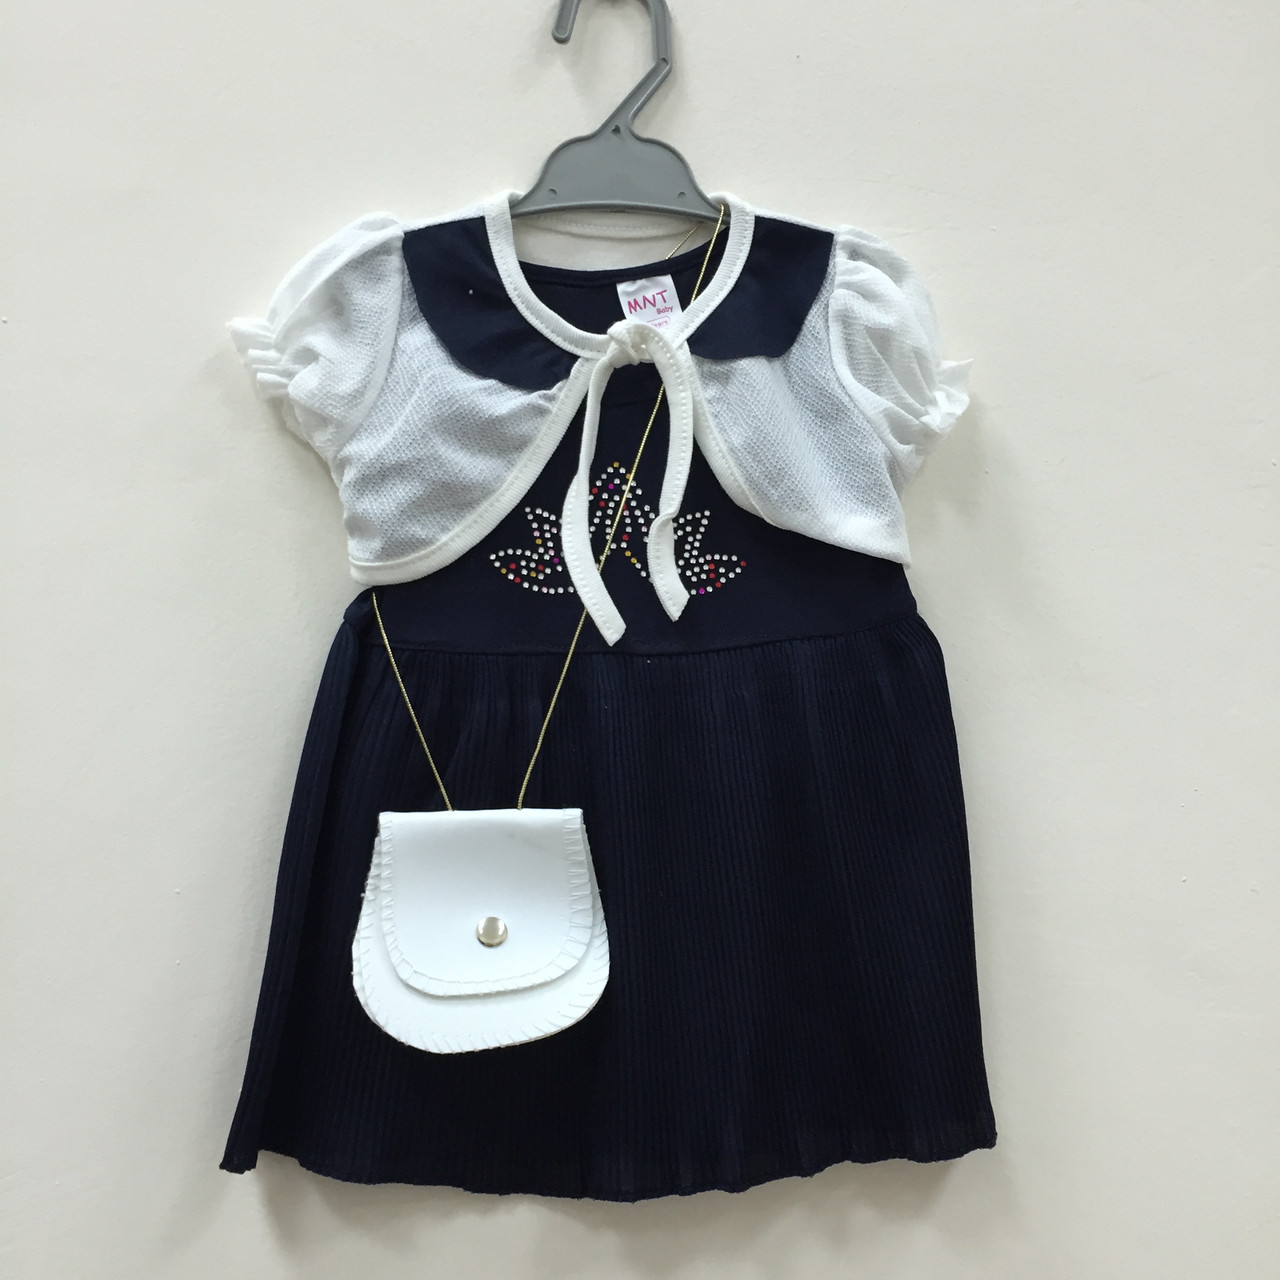 0852f11d9a6 Детское Платье нарядное с болеро для девочек оптом - Детская одежда оптом